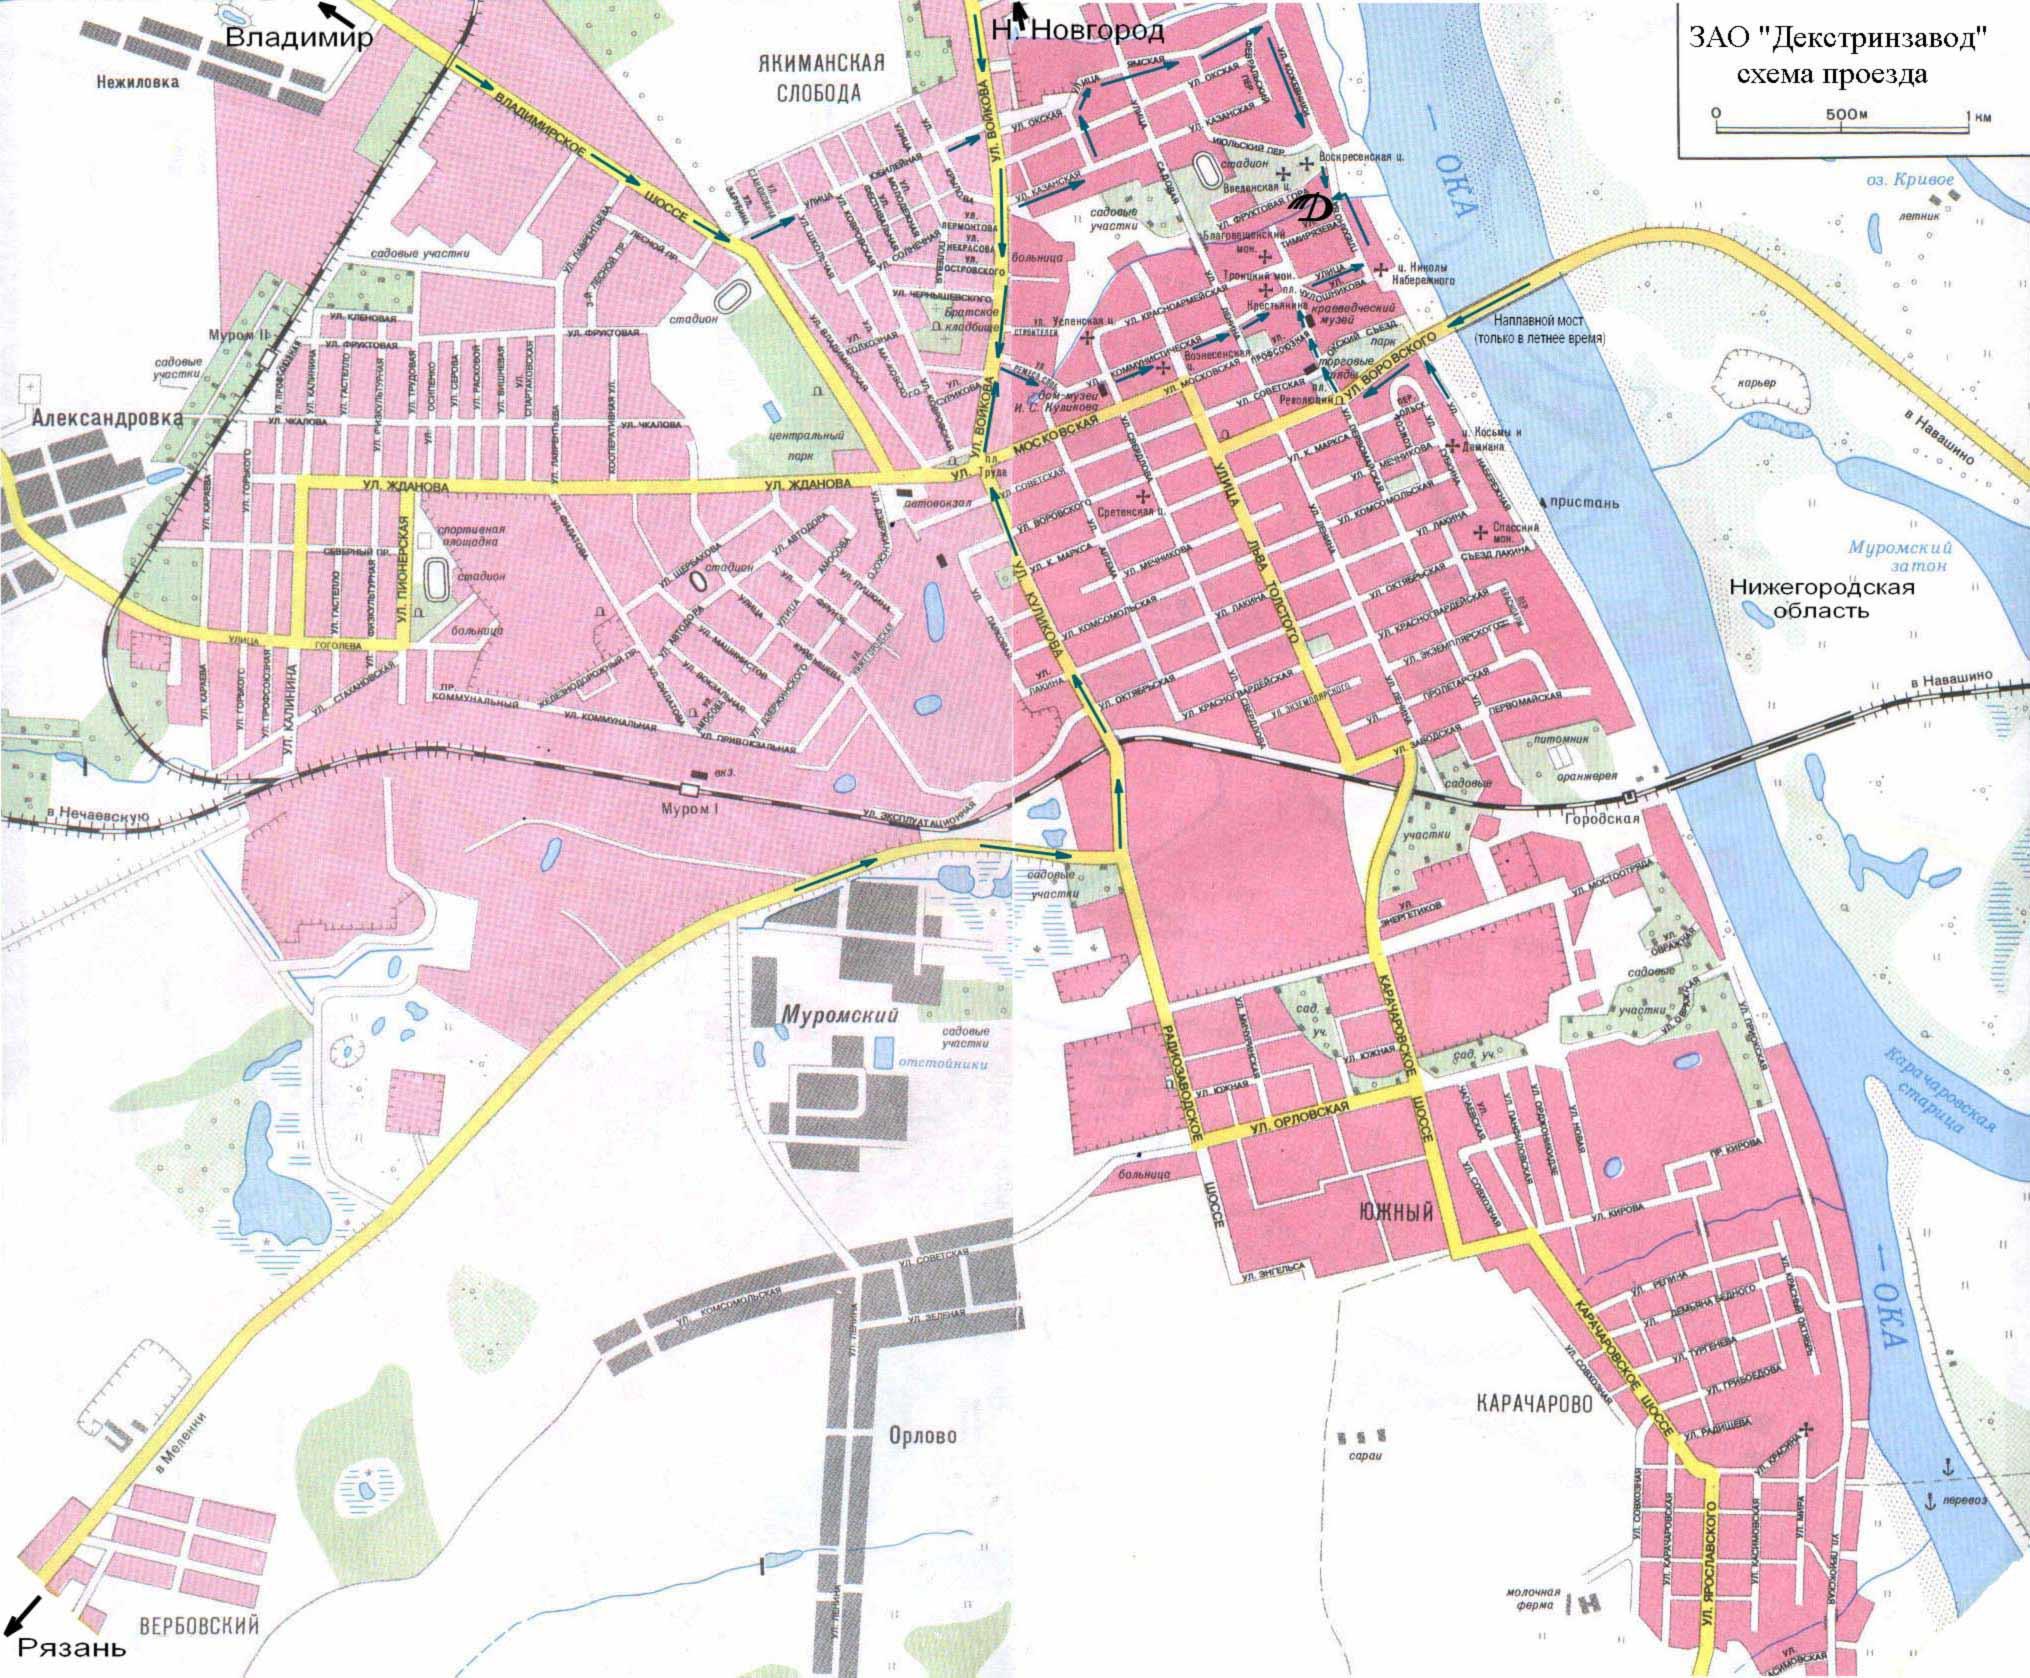 Подробная карта Мурома (Владимирская область) с названиями улиц.  Для просмотра карты города в полном размере нажмите...